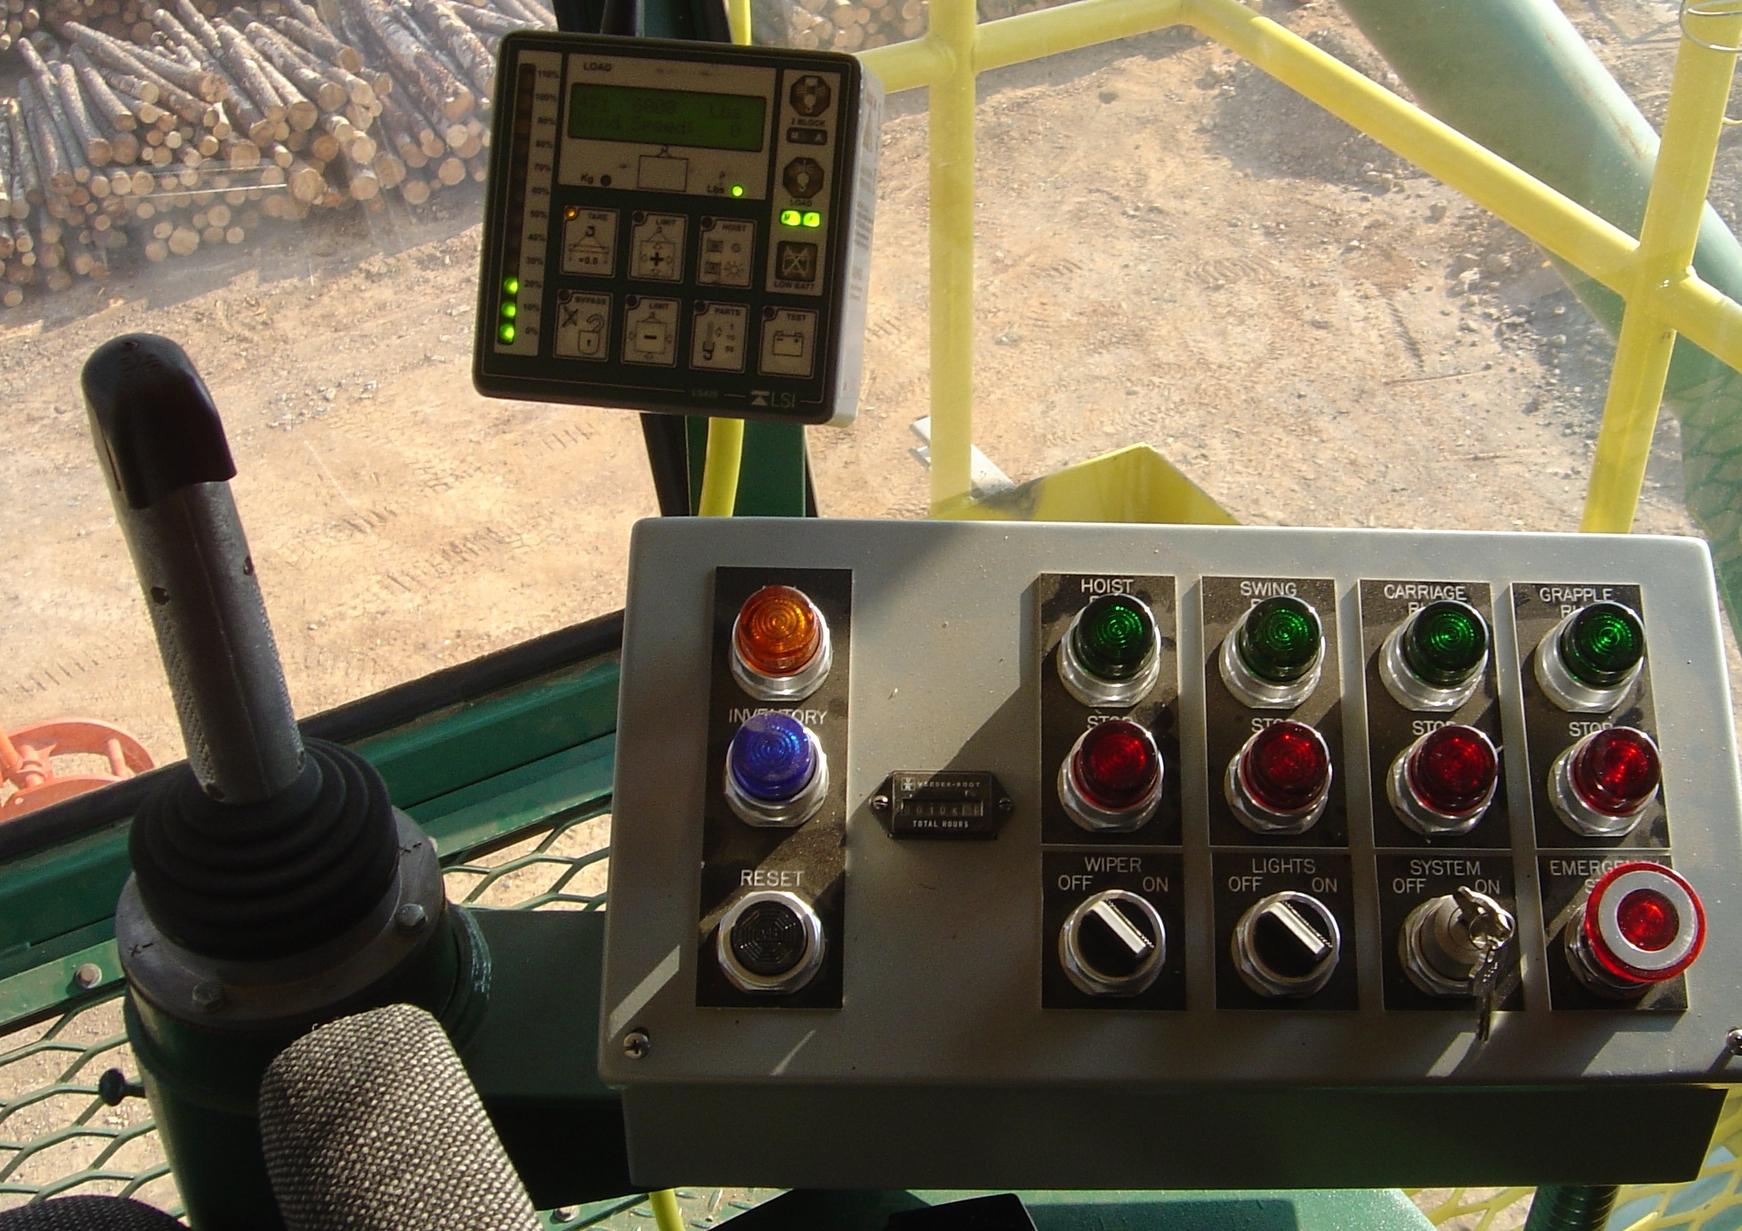 Crane controls